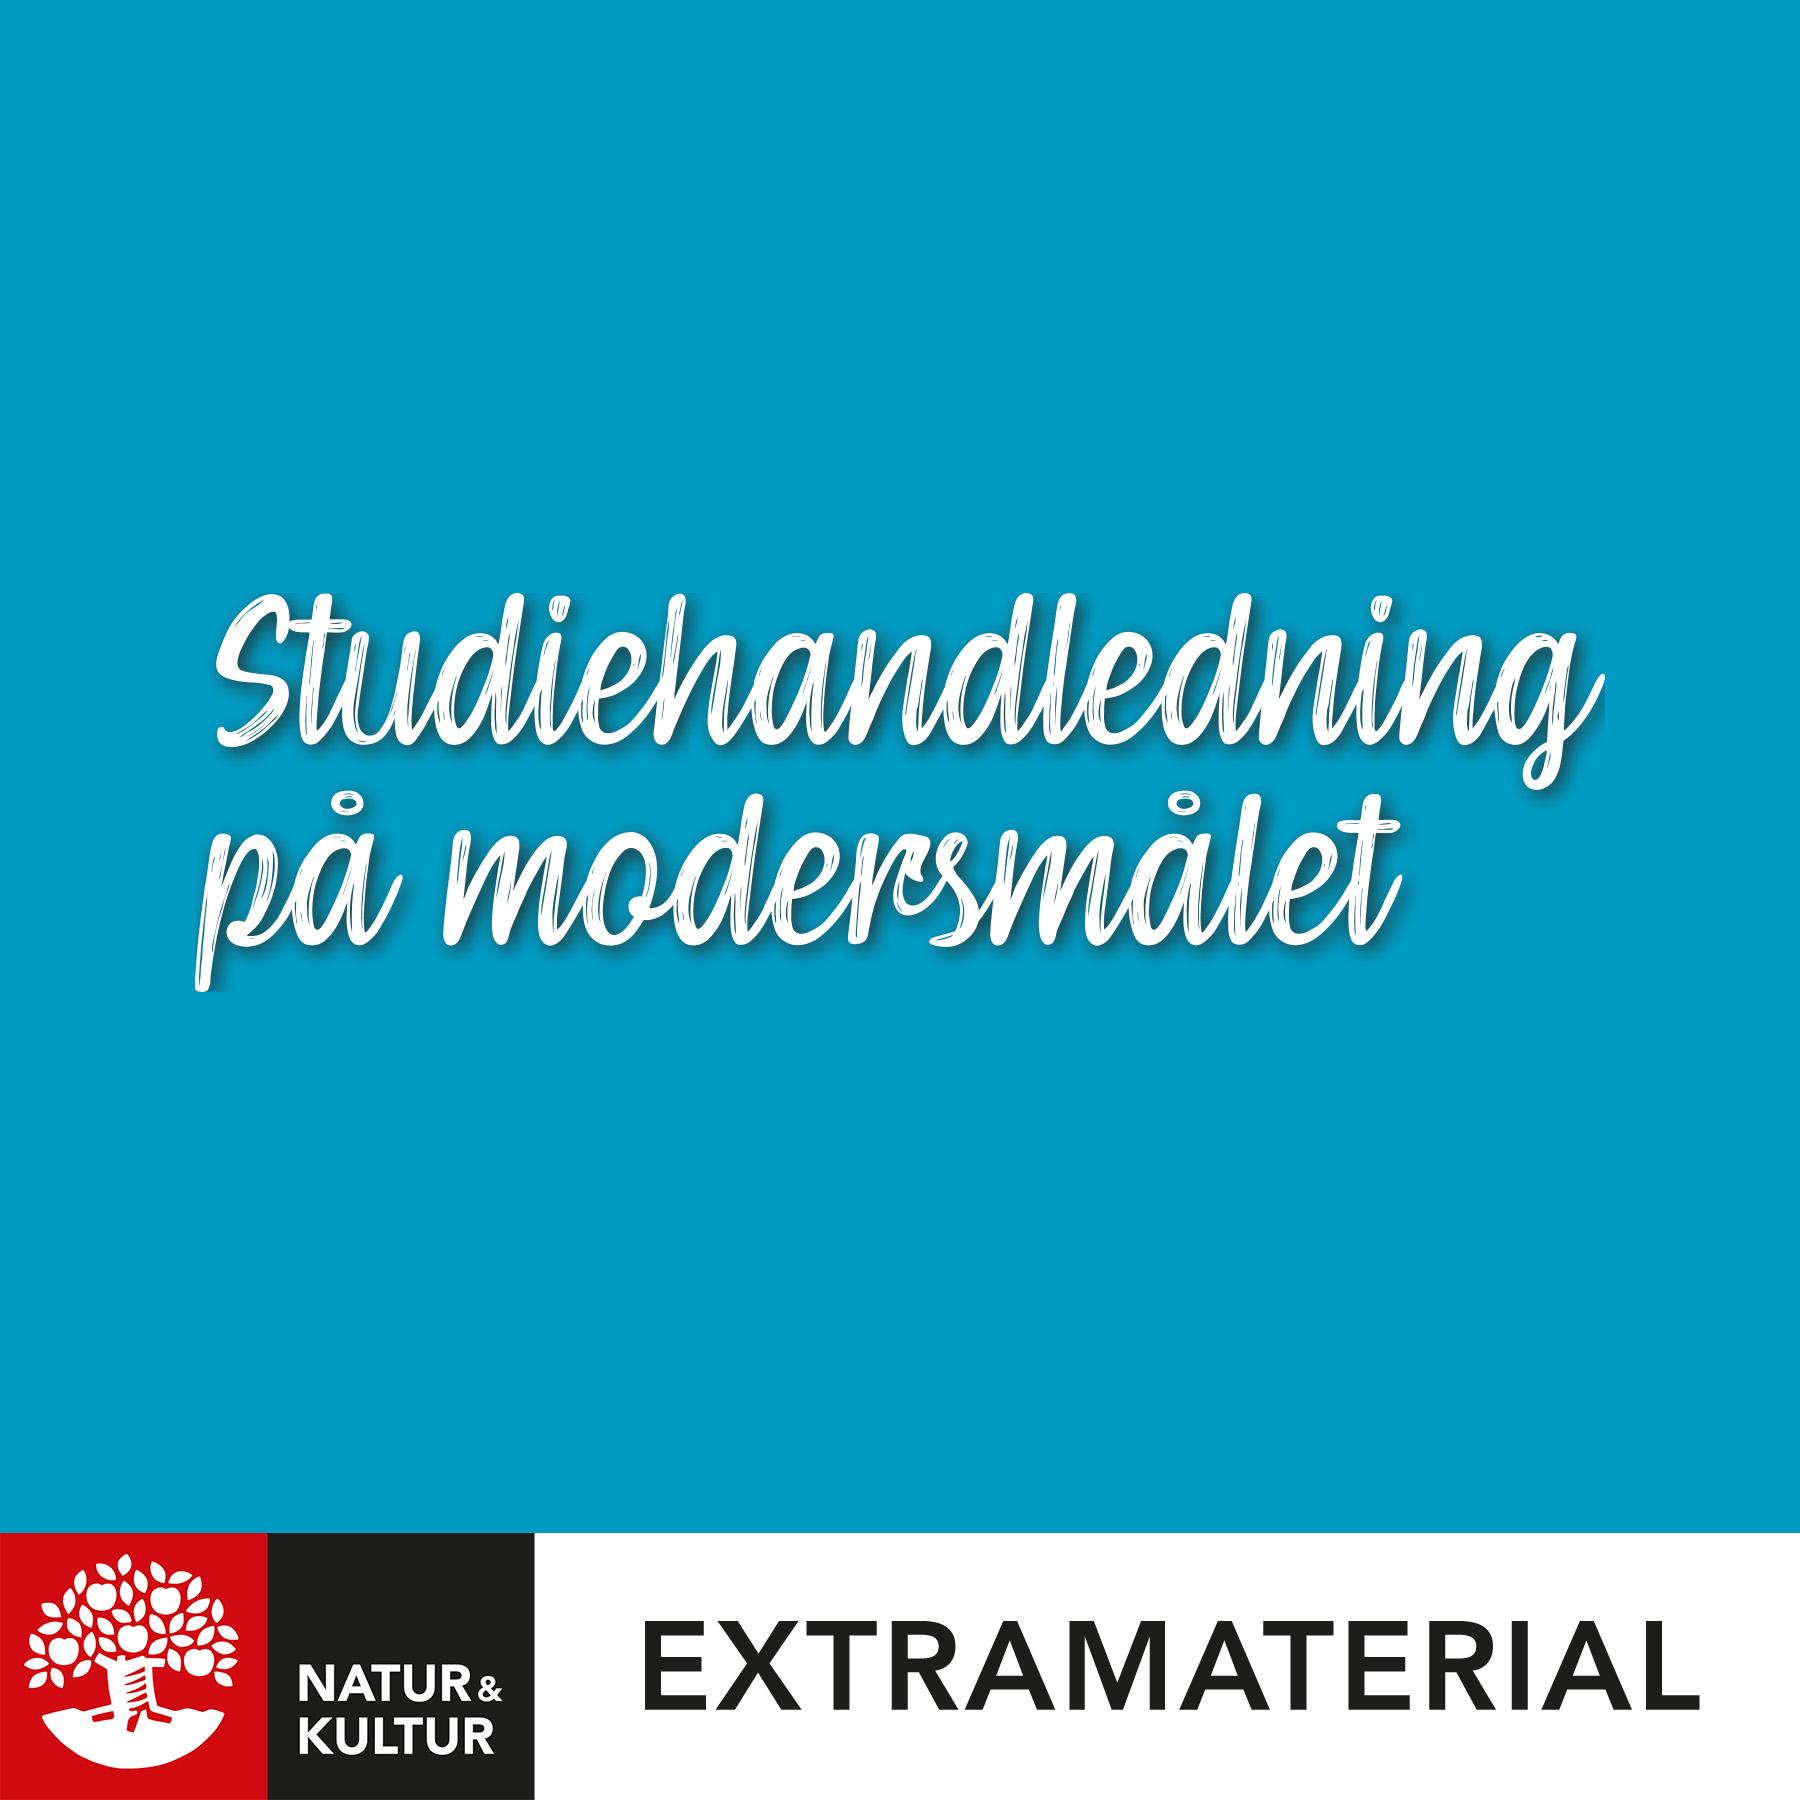 Studiehandledning på modersmålet